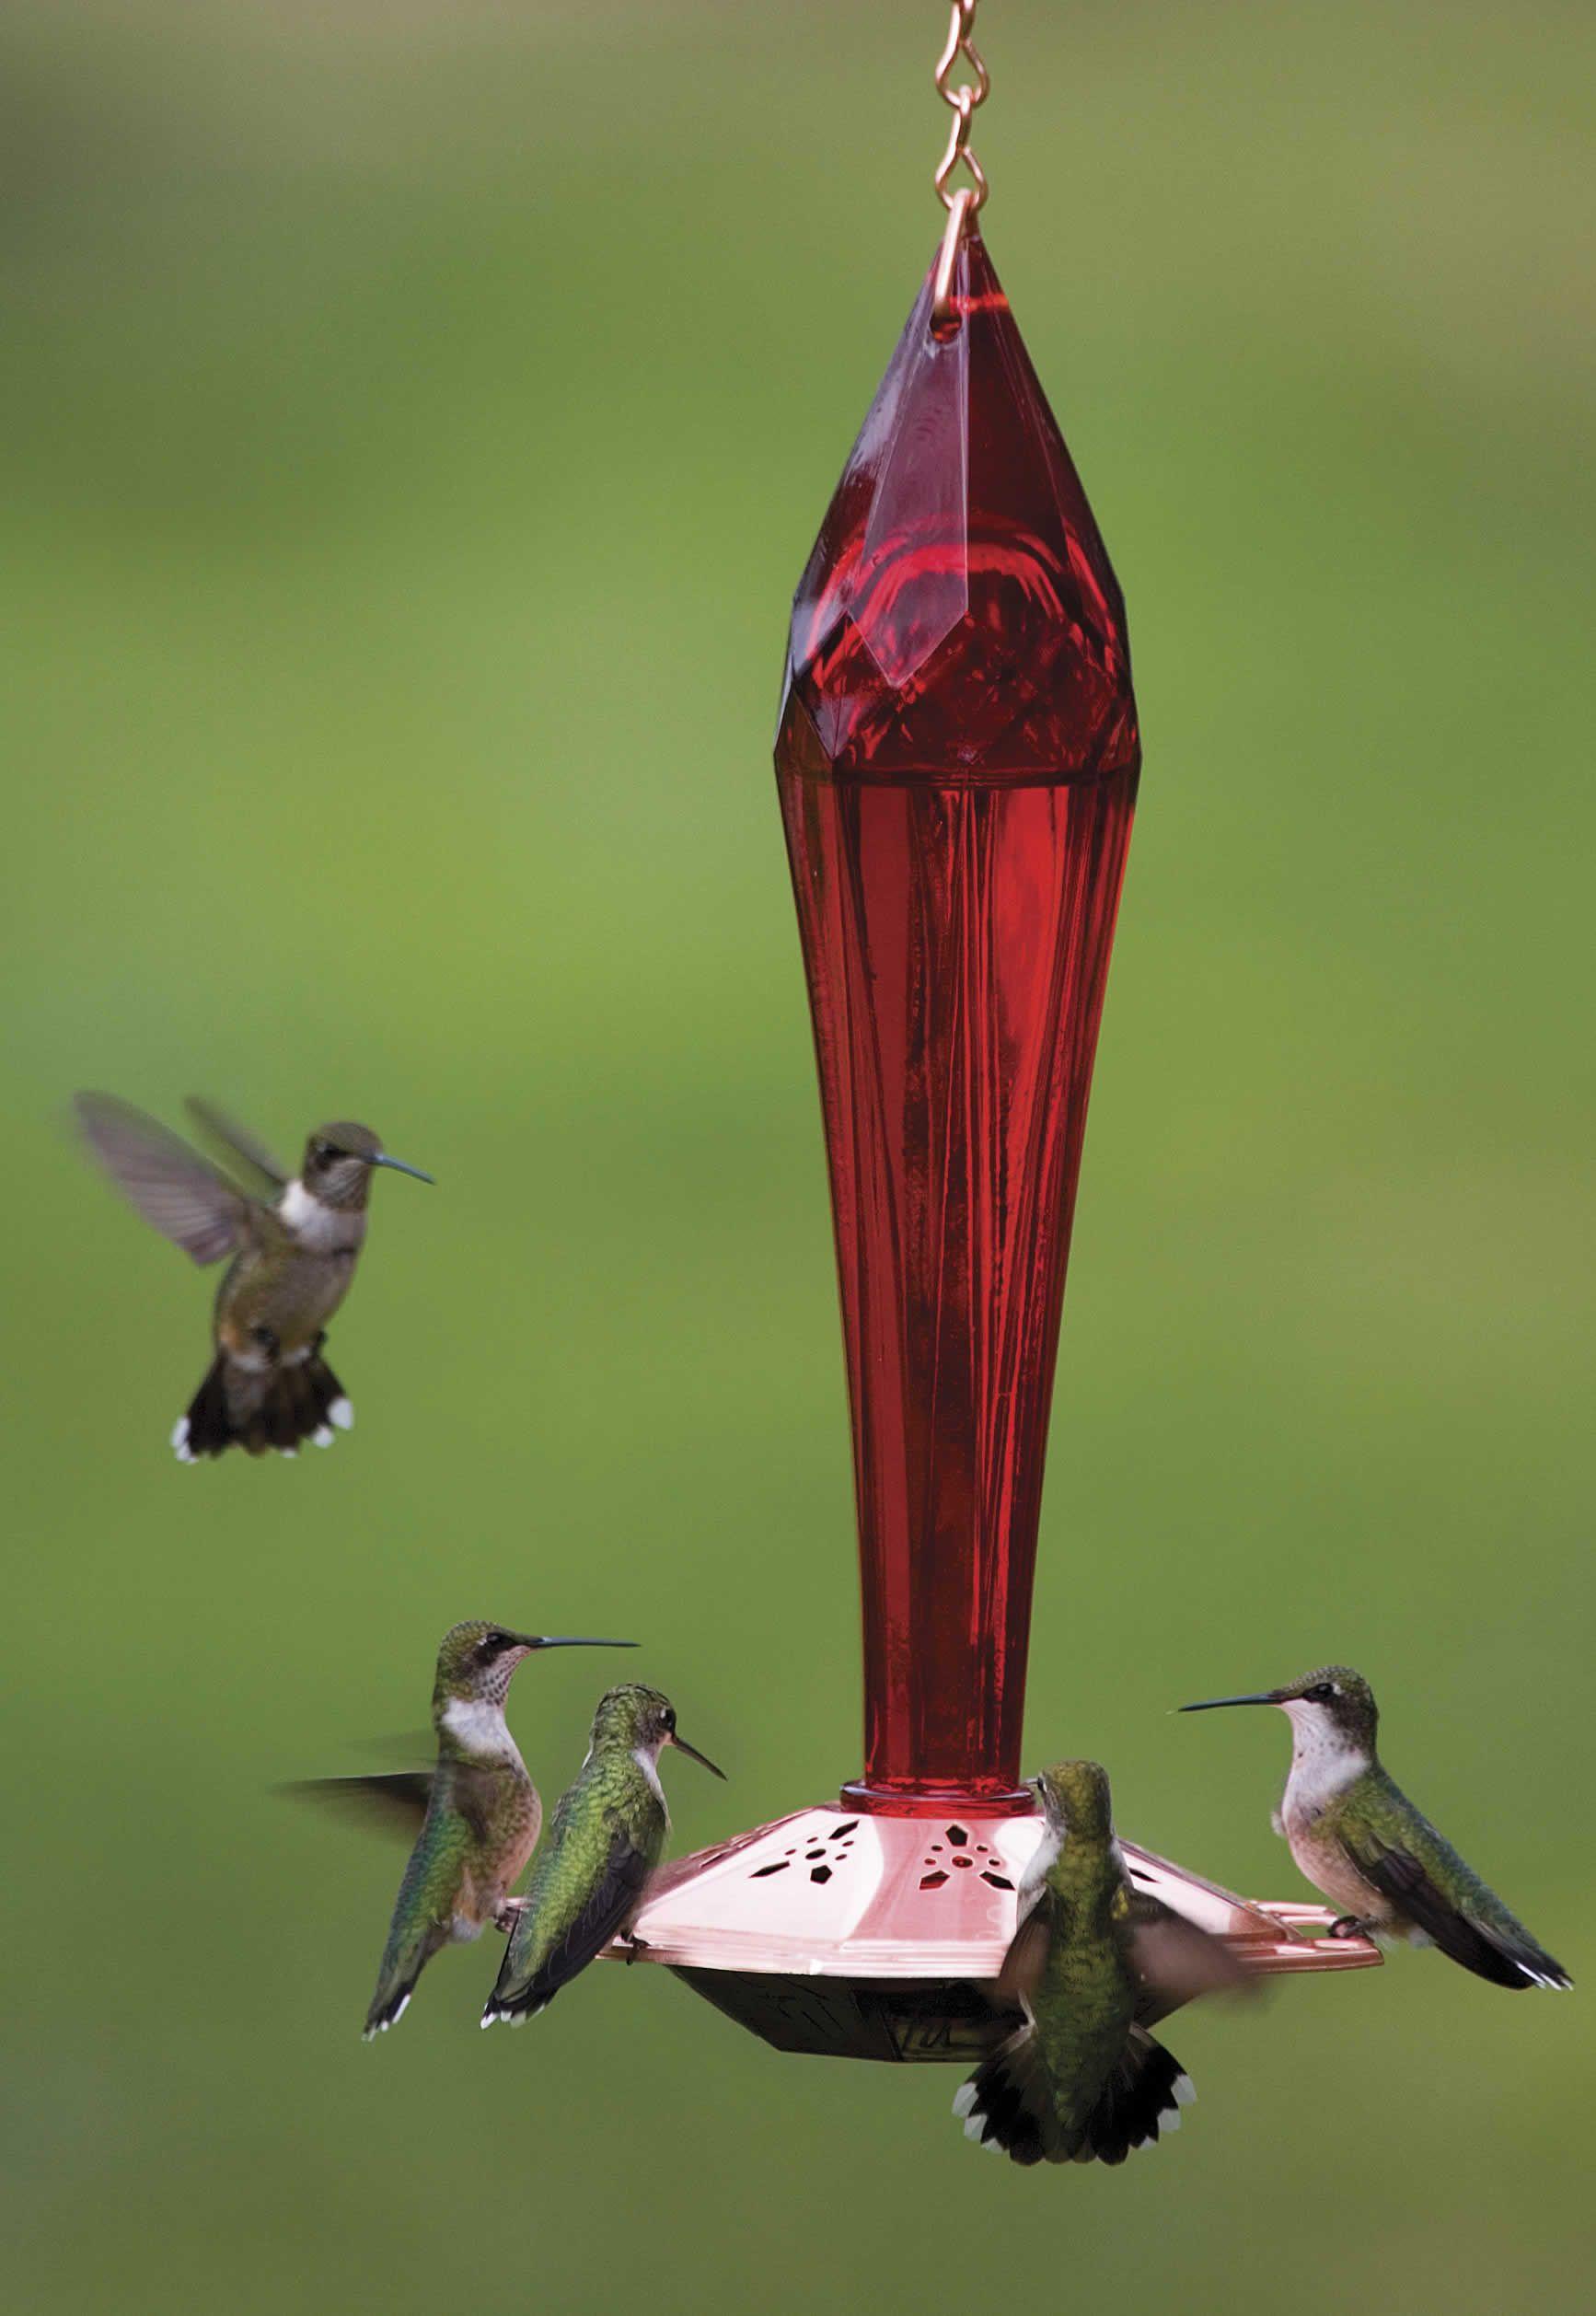 humming bird feed Glass hummingbird feeders, Humming